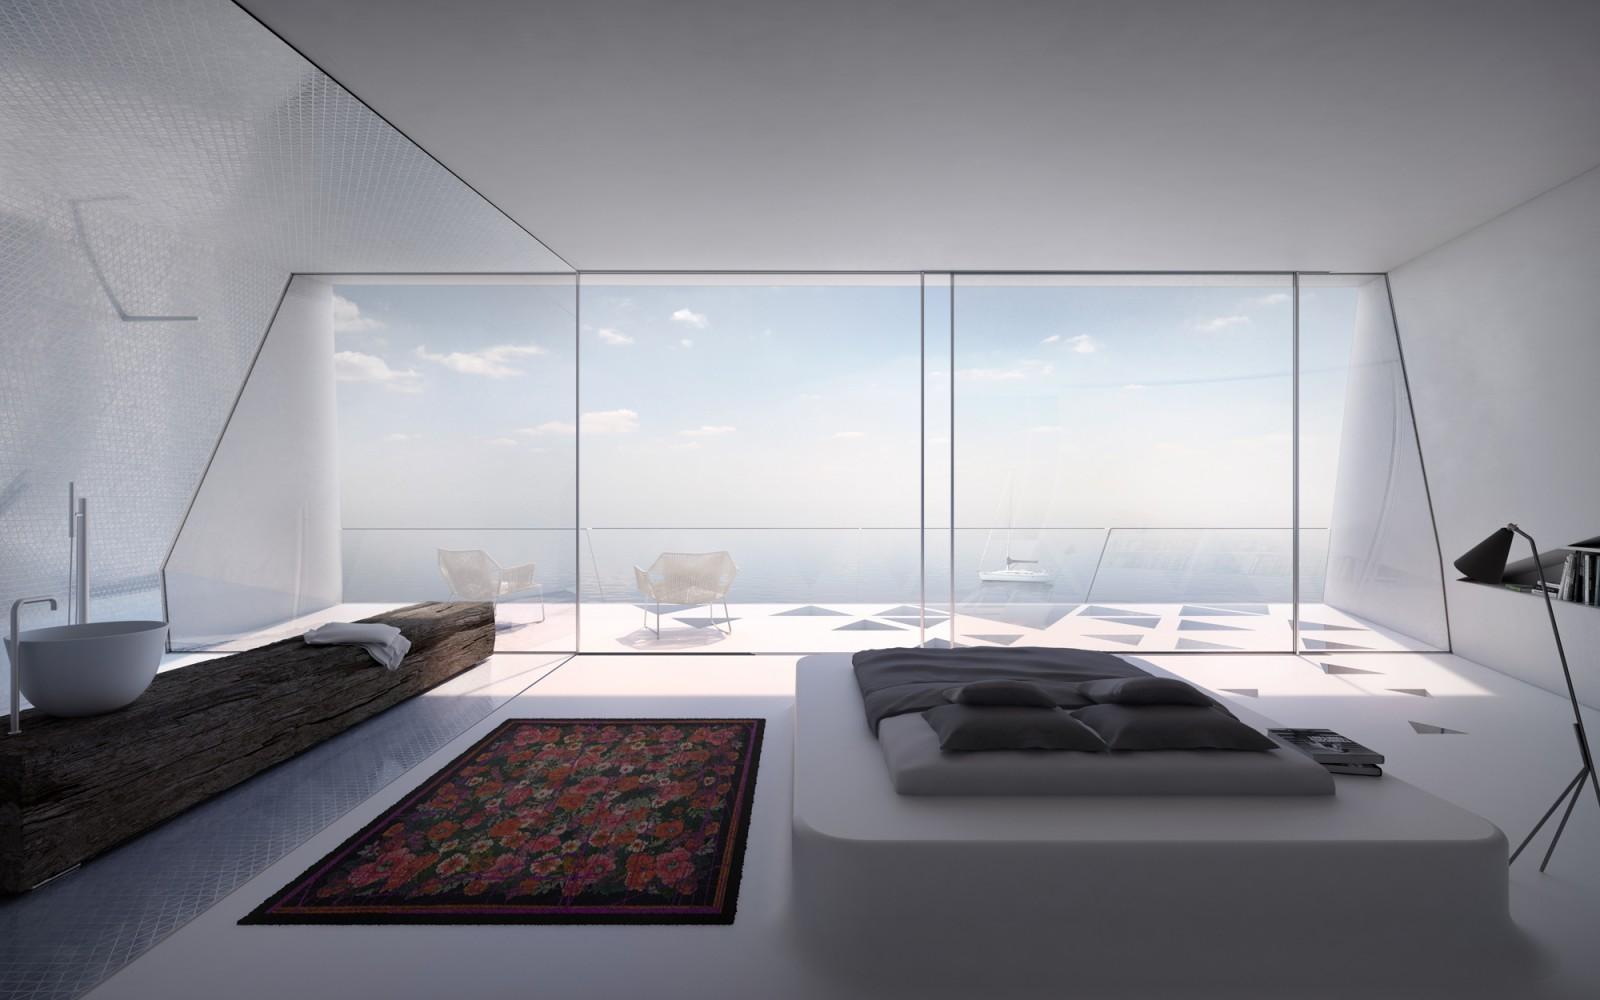 World of architecture impressive modern villa f for Balcony concept